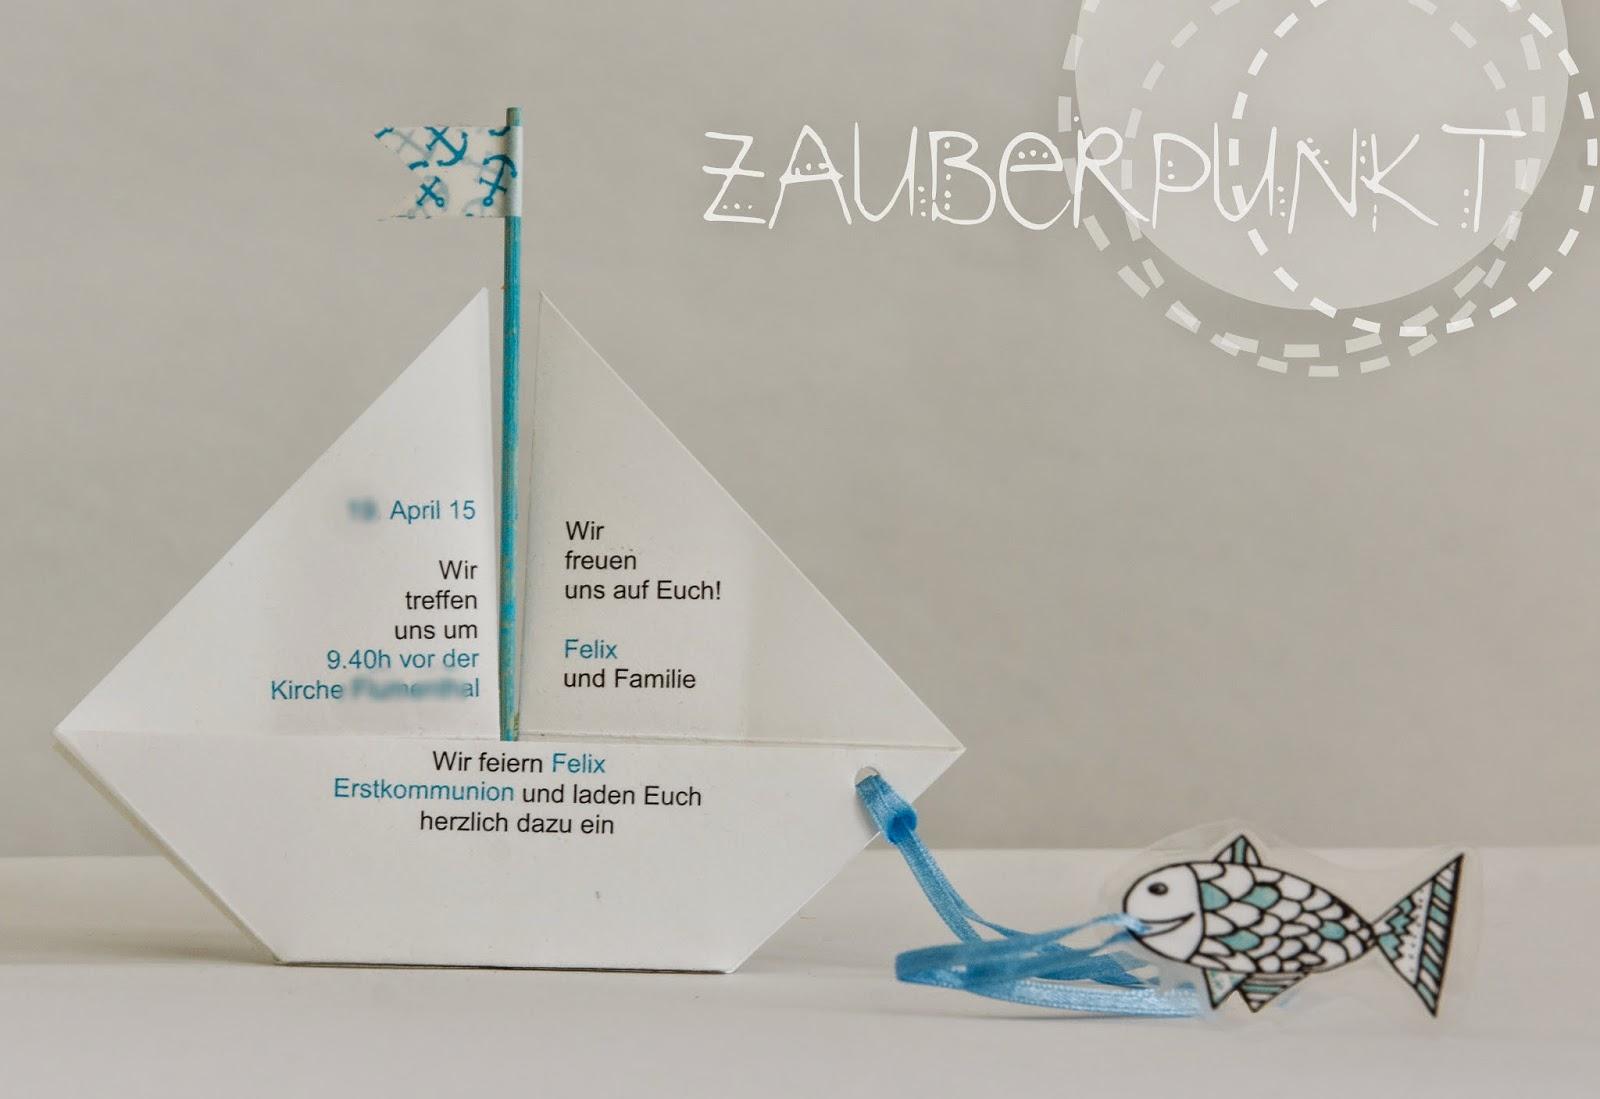 amazing kommunions einladungskarten #3: Kommunions- Einladungskarte Faltschiff { Videoanleitung }